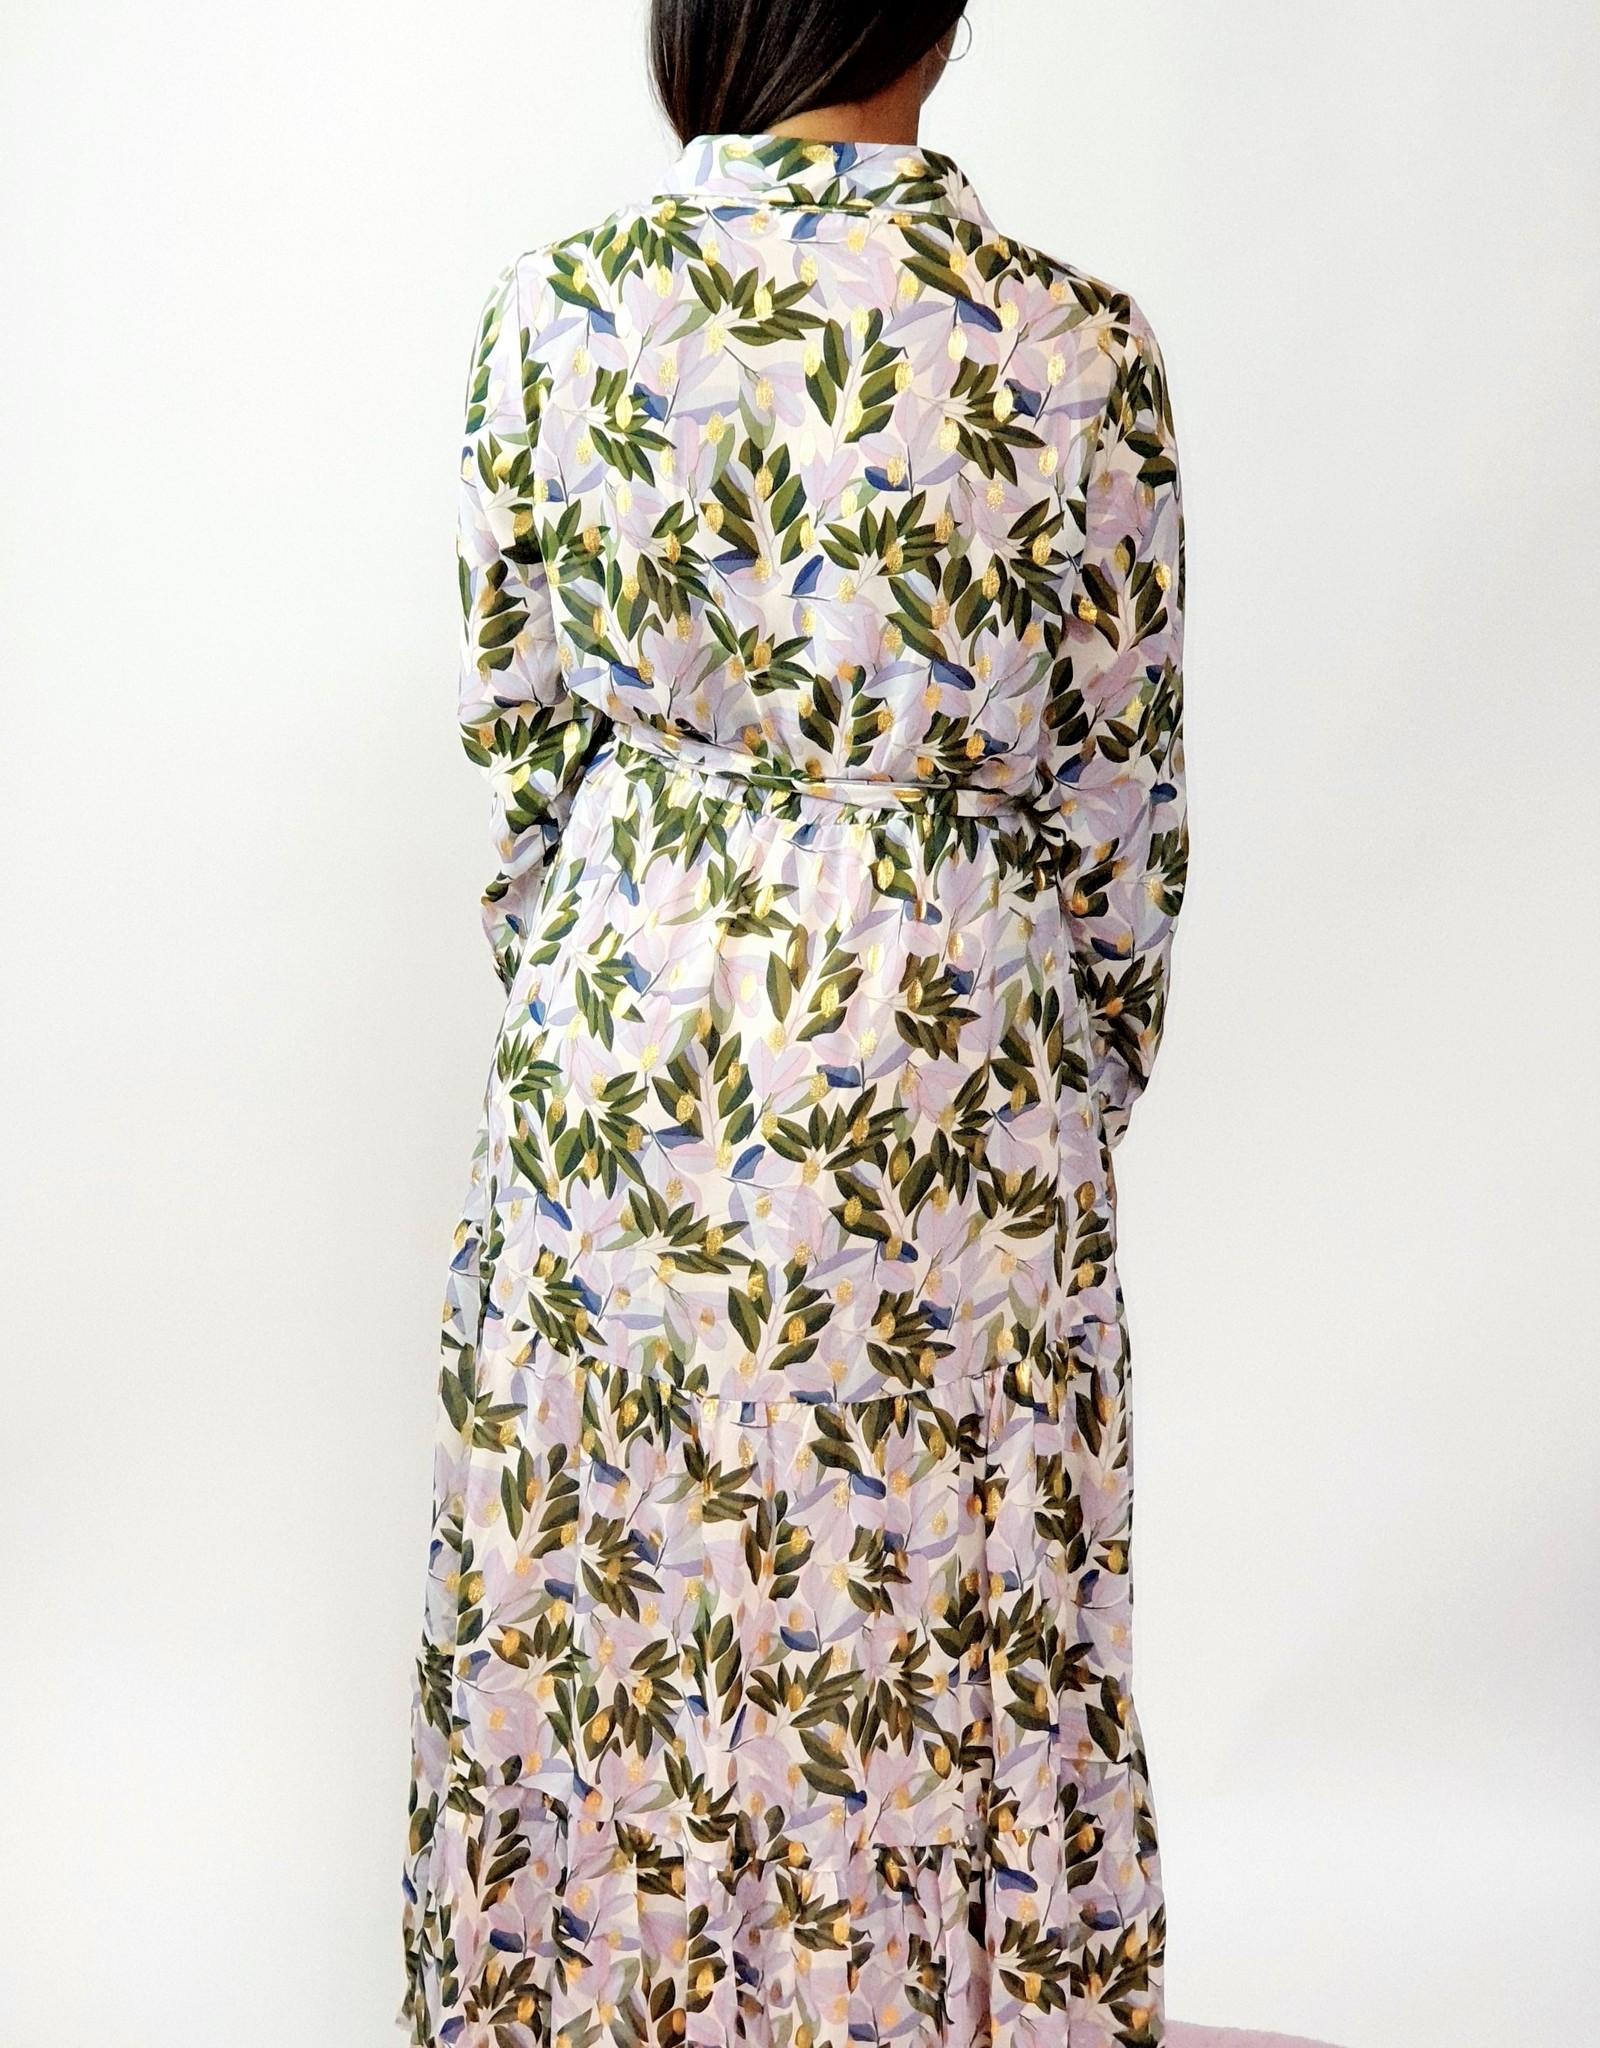 Thé lilac meets garden dress